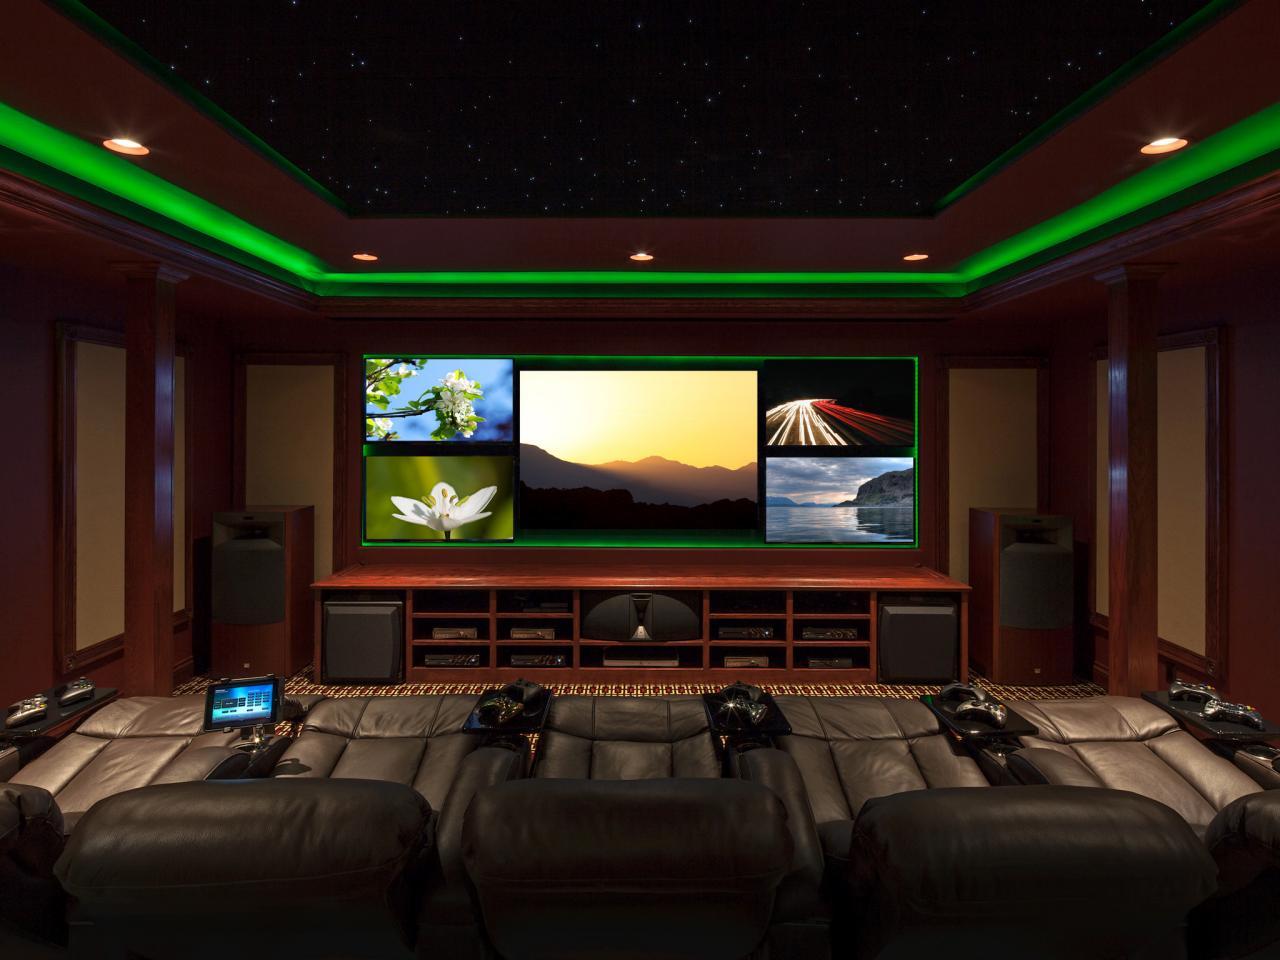 Iluminación ambiental de sala de juego verde